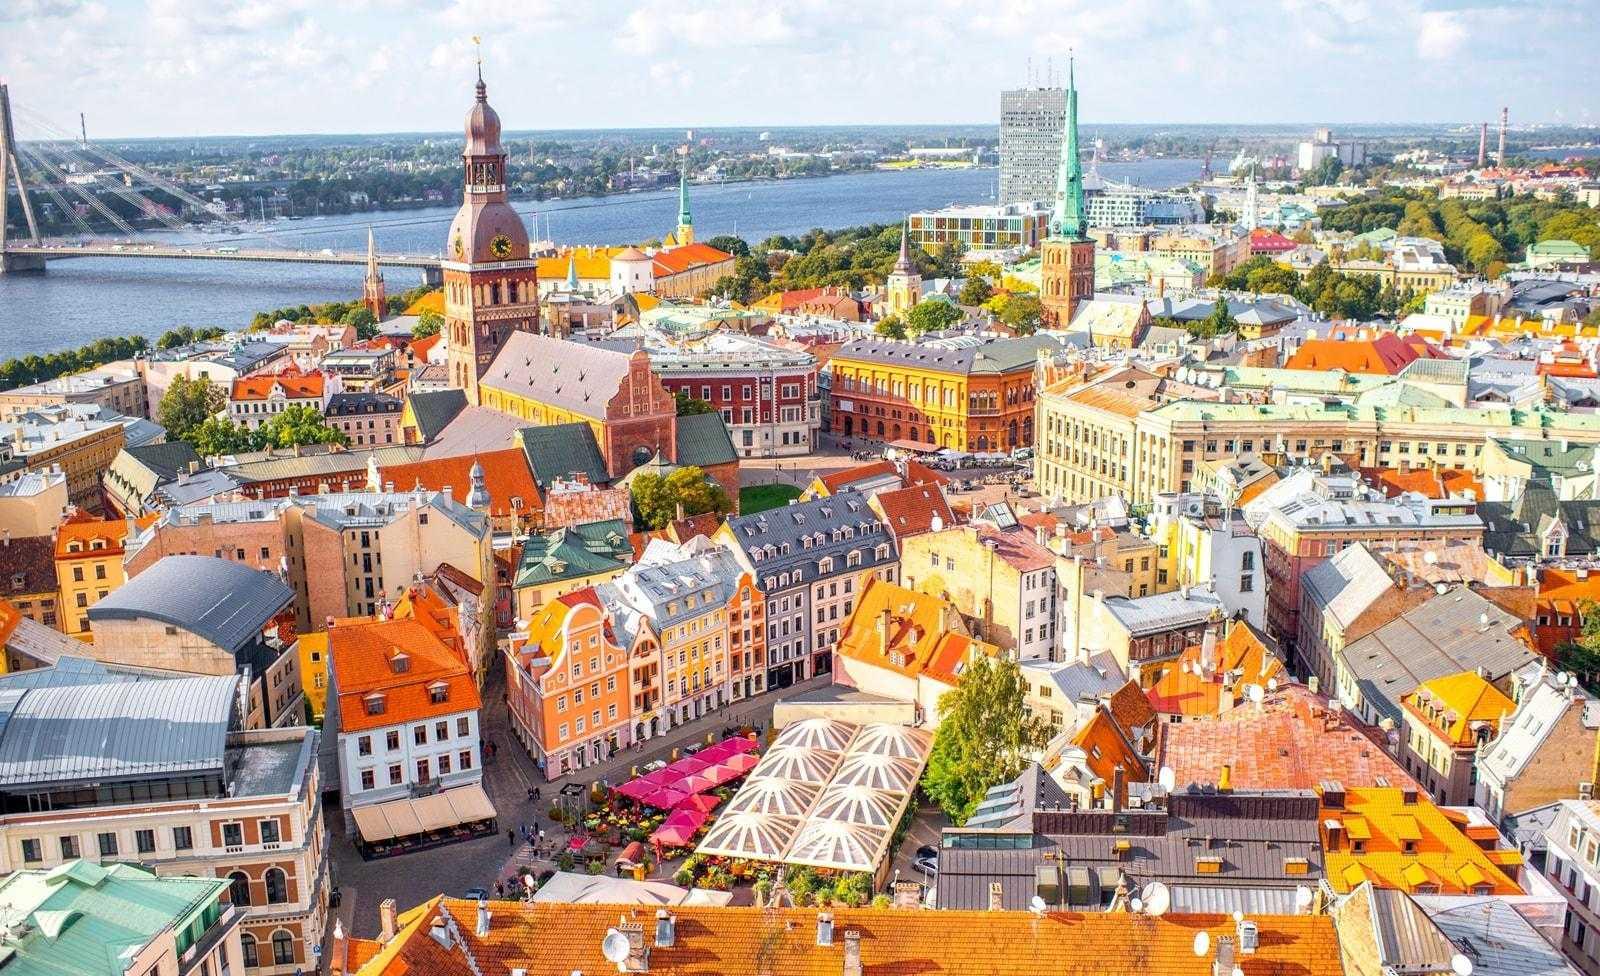 Латвия, Литва и Эстония с 15 мая возобновили все поездки в пределах своих стран, создав первые «туристические коридоры» на территории Евросоюза